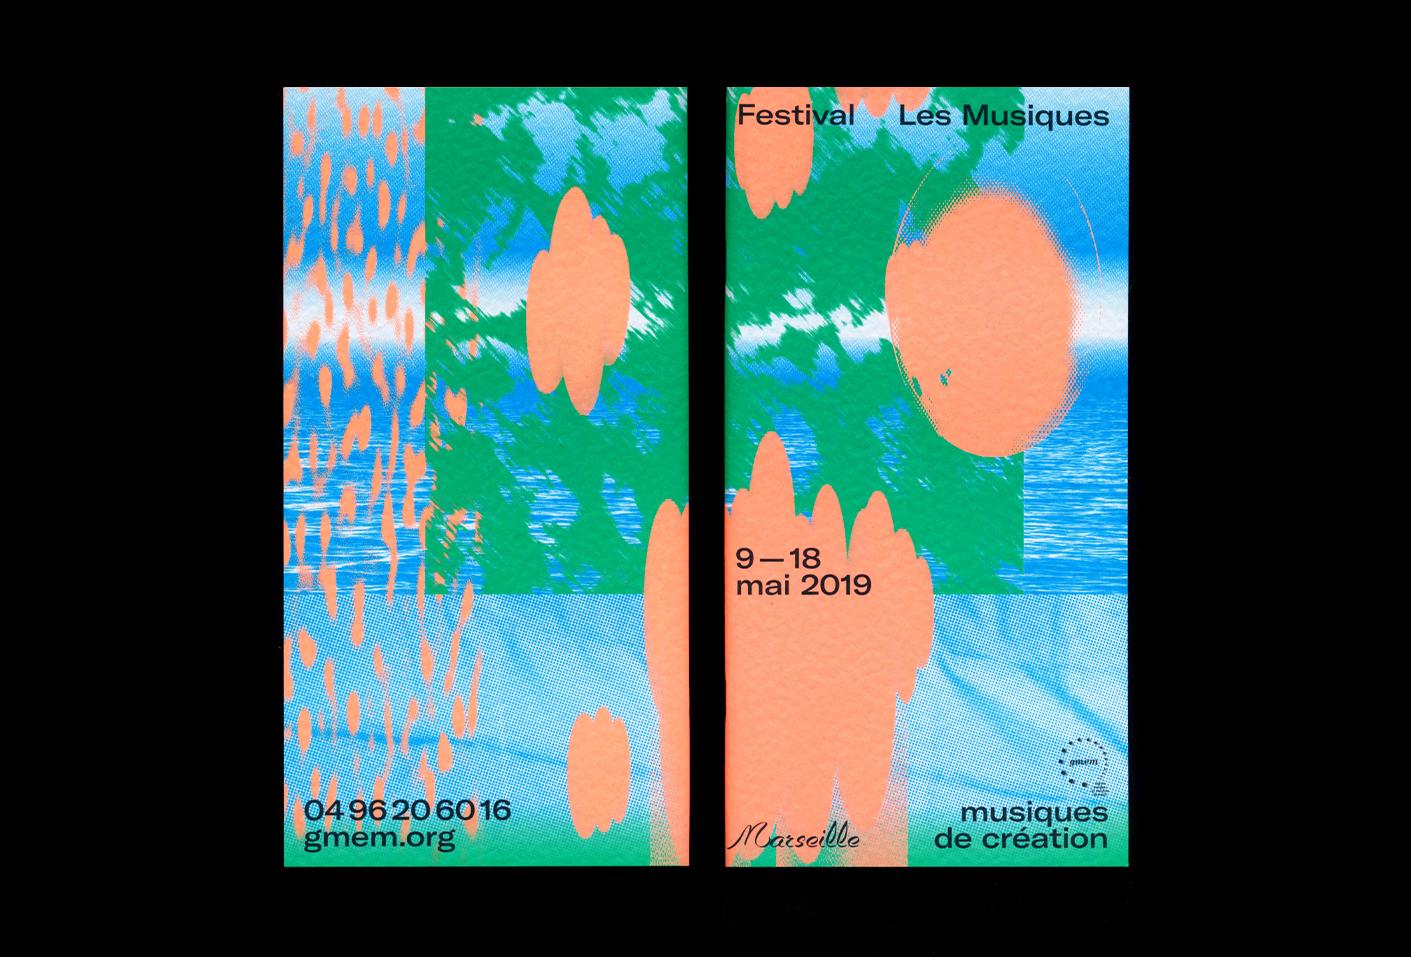 Festival Les Musiques 2019 — Lisa Sturacci Graphiste